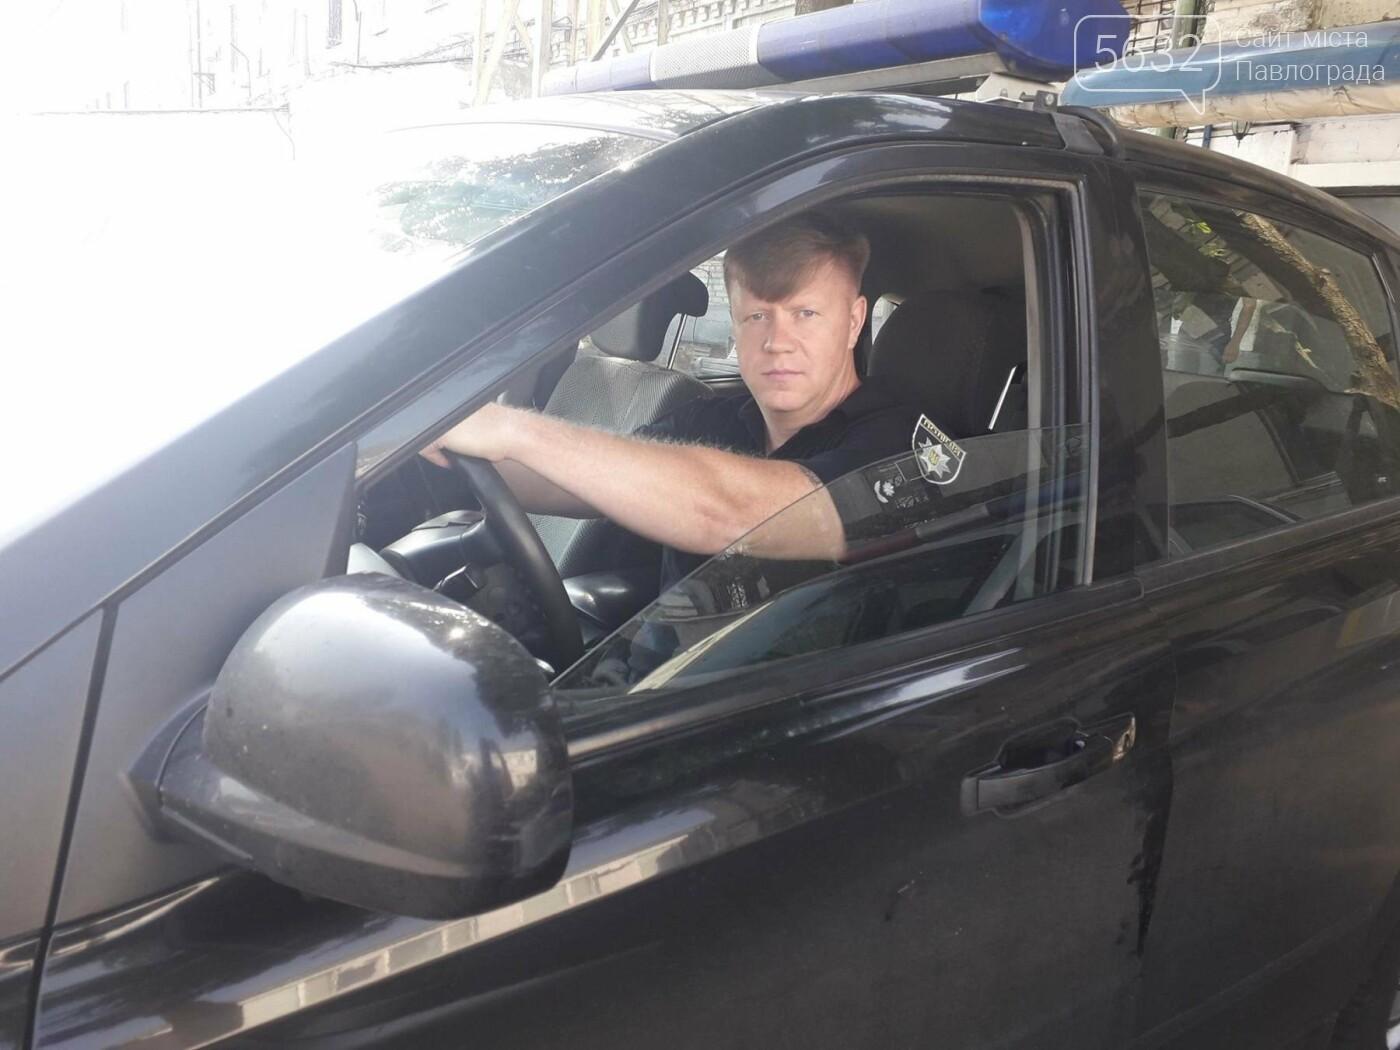 Безпеку мешканців Павлоградщини забезпечують 22 дільничі, фото-3